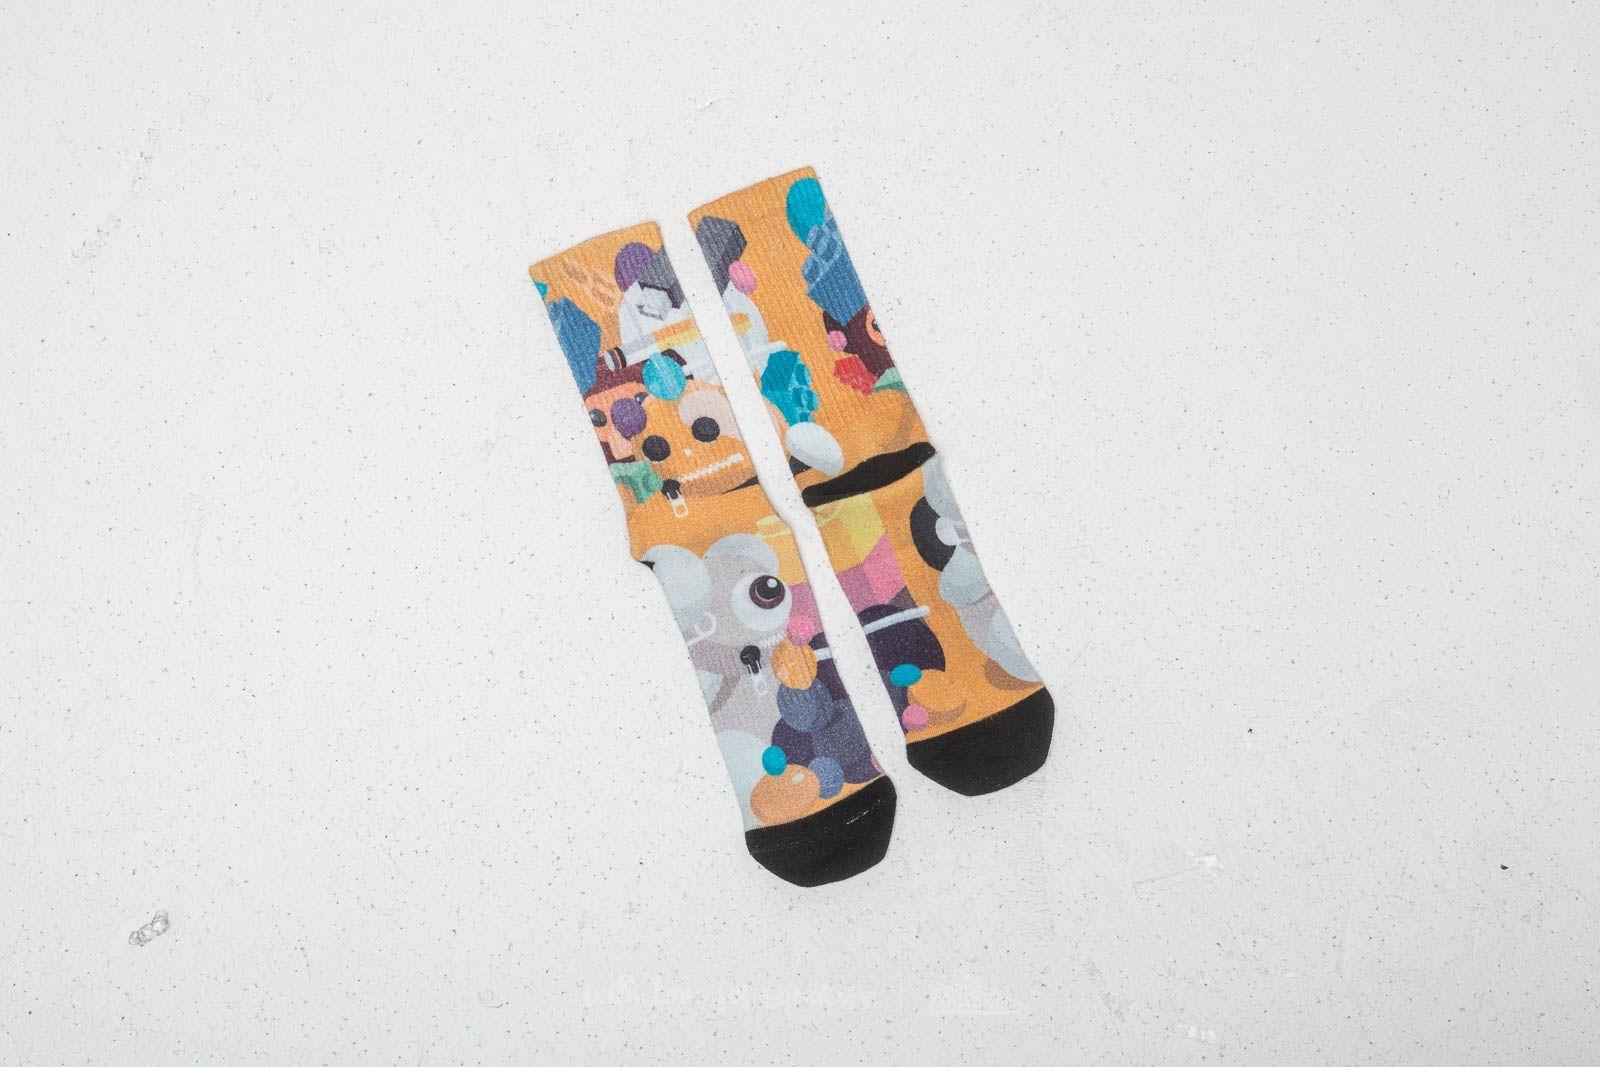 Moon Socks Animals Socks za skvělou cenu 189 Kč koupíte na Footshop.cz